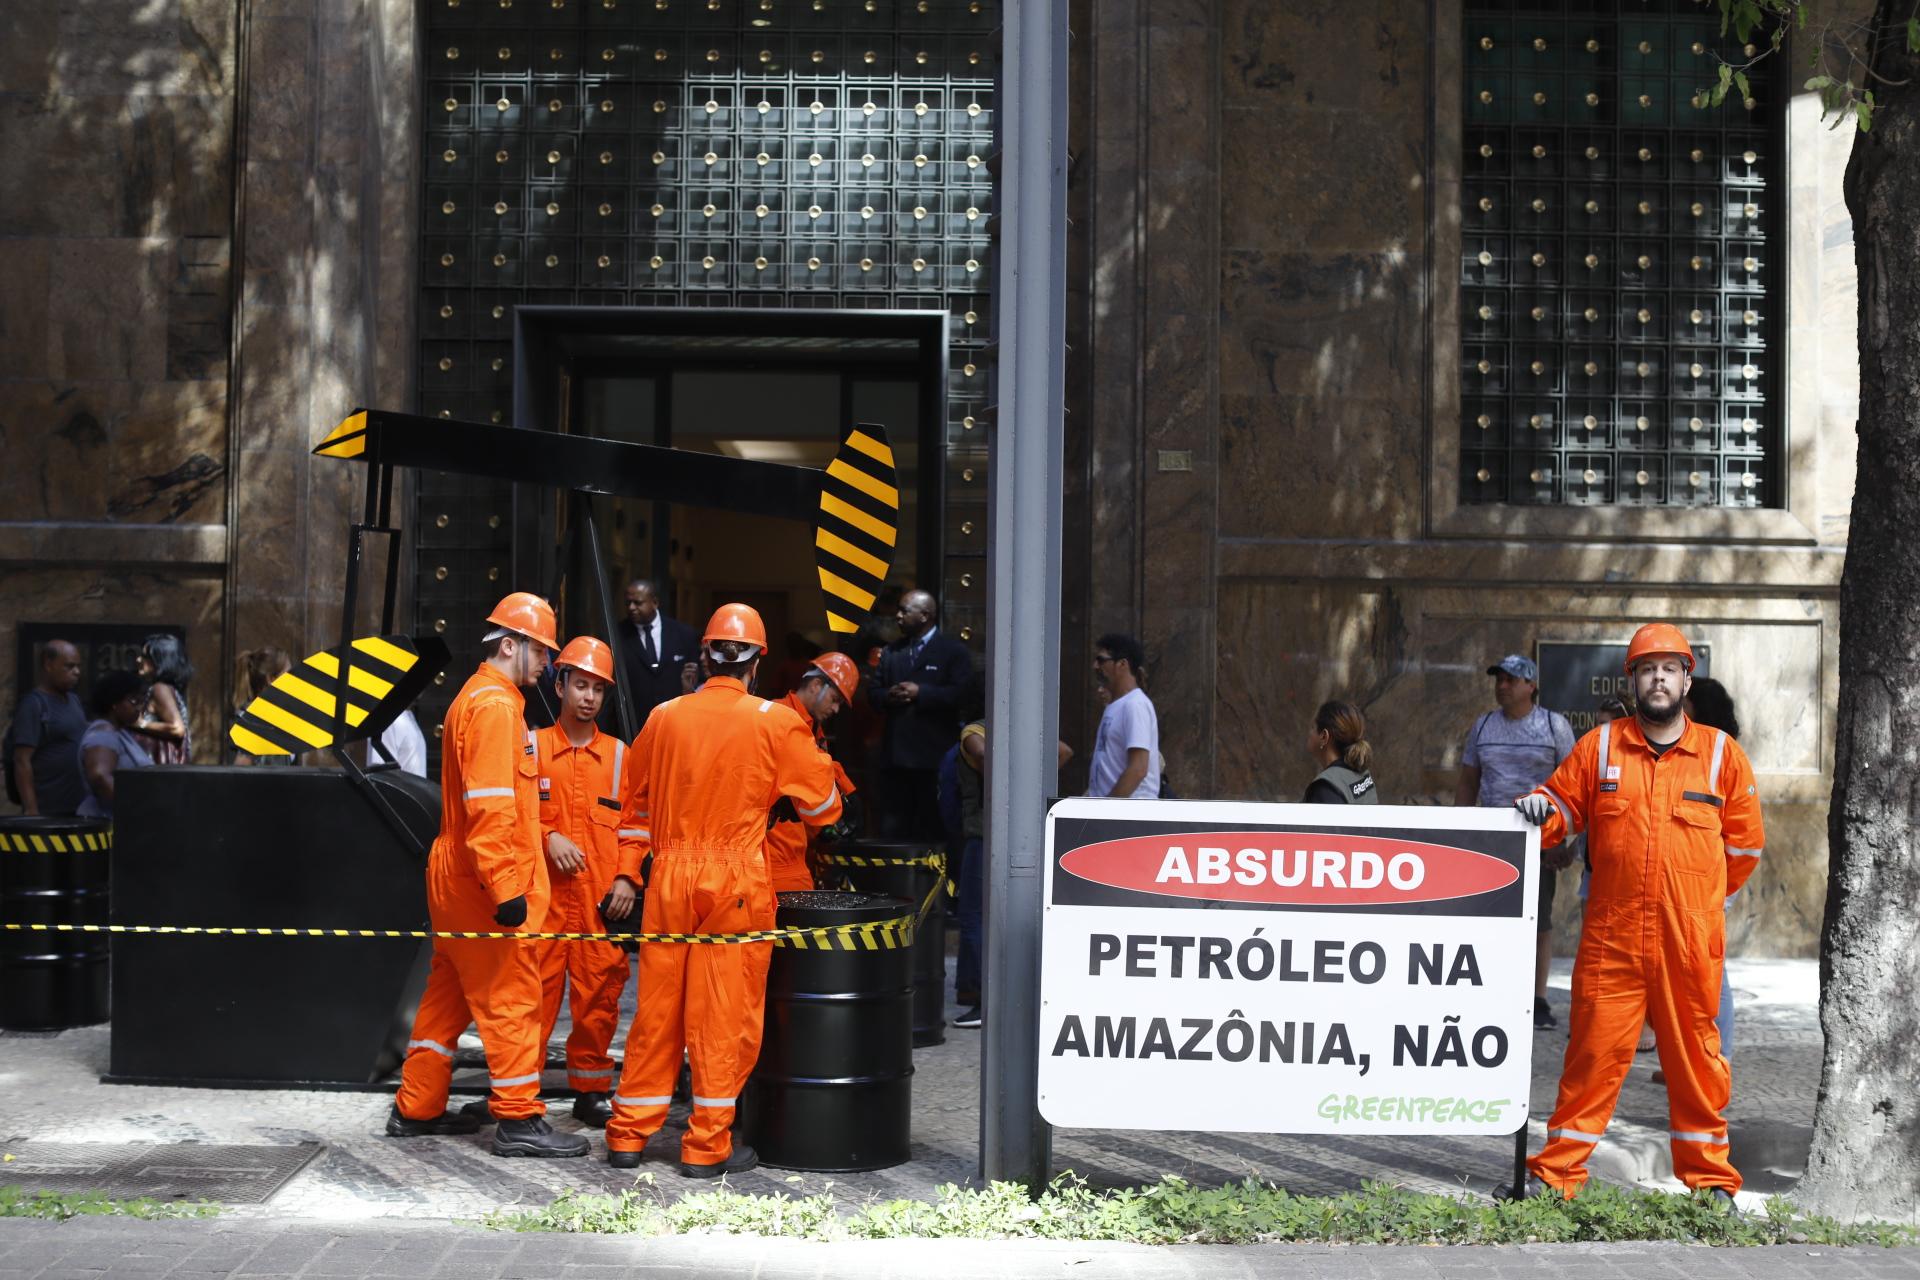 pessoas simulam a exploração de petróleo com uma máquina e barris em frente ao prédio do governo.